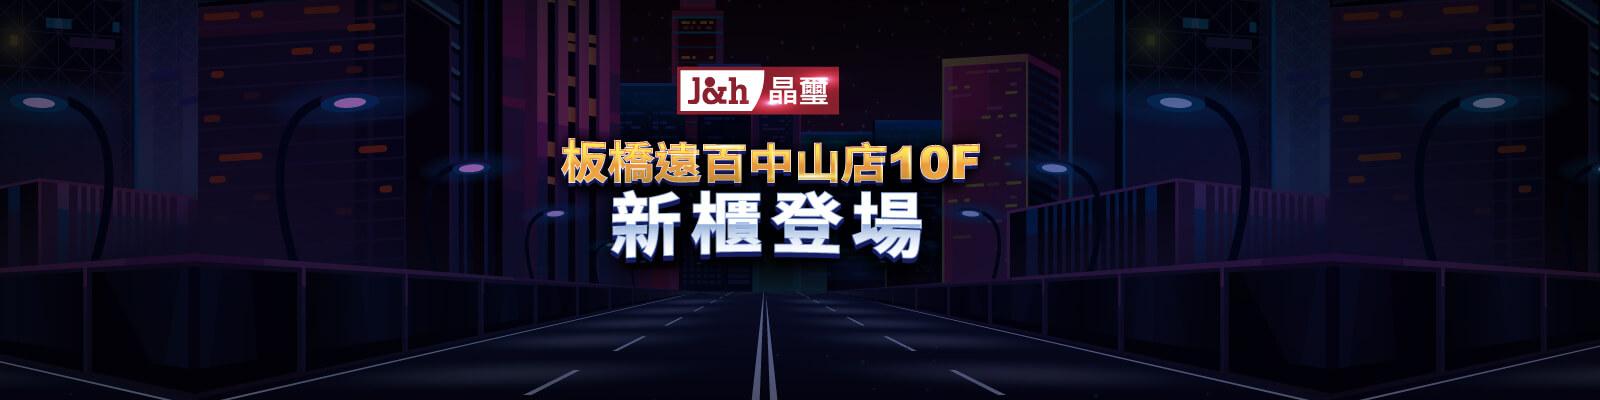 20210707 板橋遠百中山店10F新櫃登場 news BN 1 2